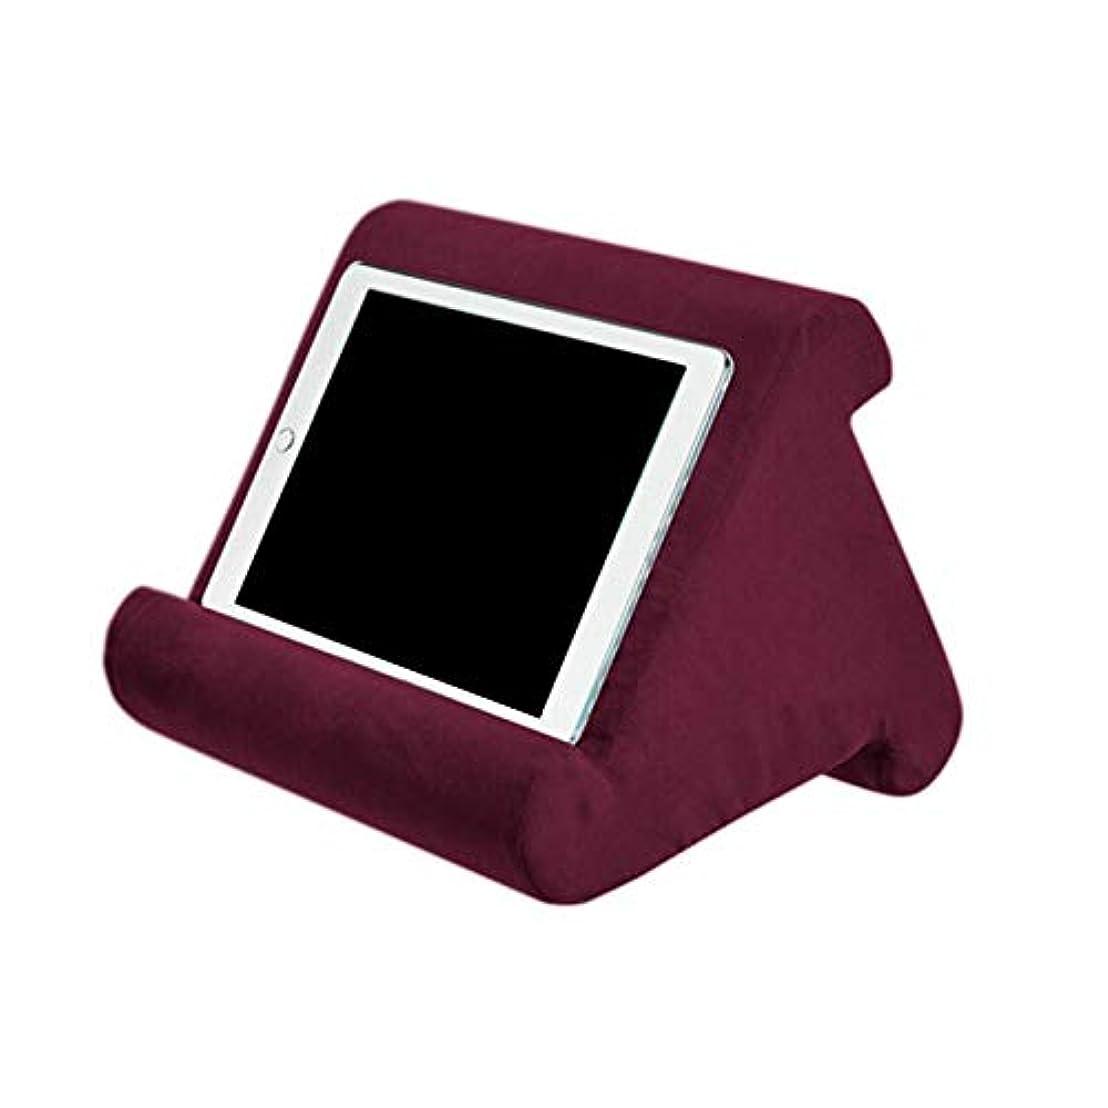 凍るミュウミュウ配管LIFE 家庭用タブレット枕ホルダースタンドブック残り読書サポートクッションベッドソファマルチアングルソフト枕ラップスタンドクッション クッション 椅子